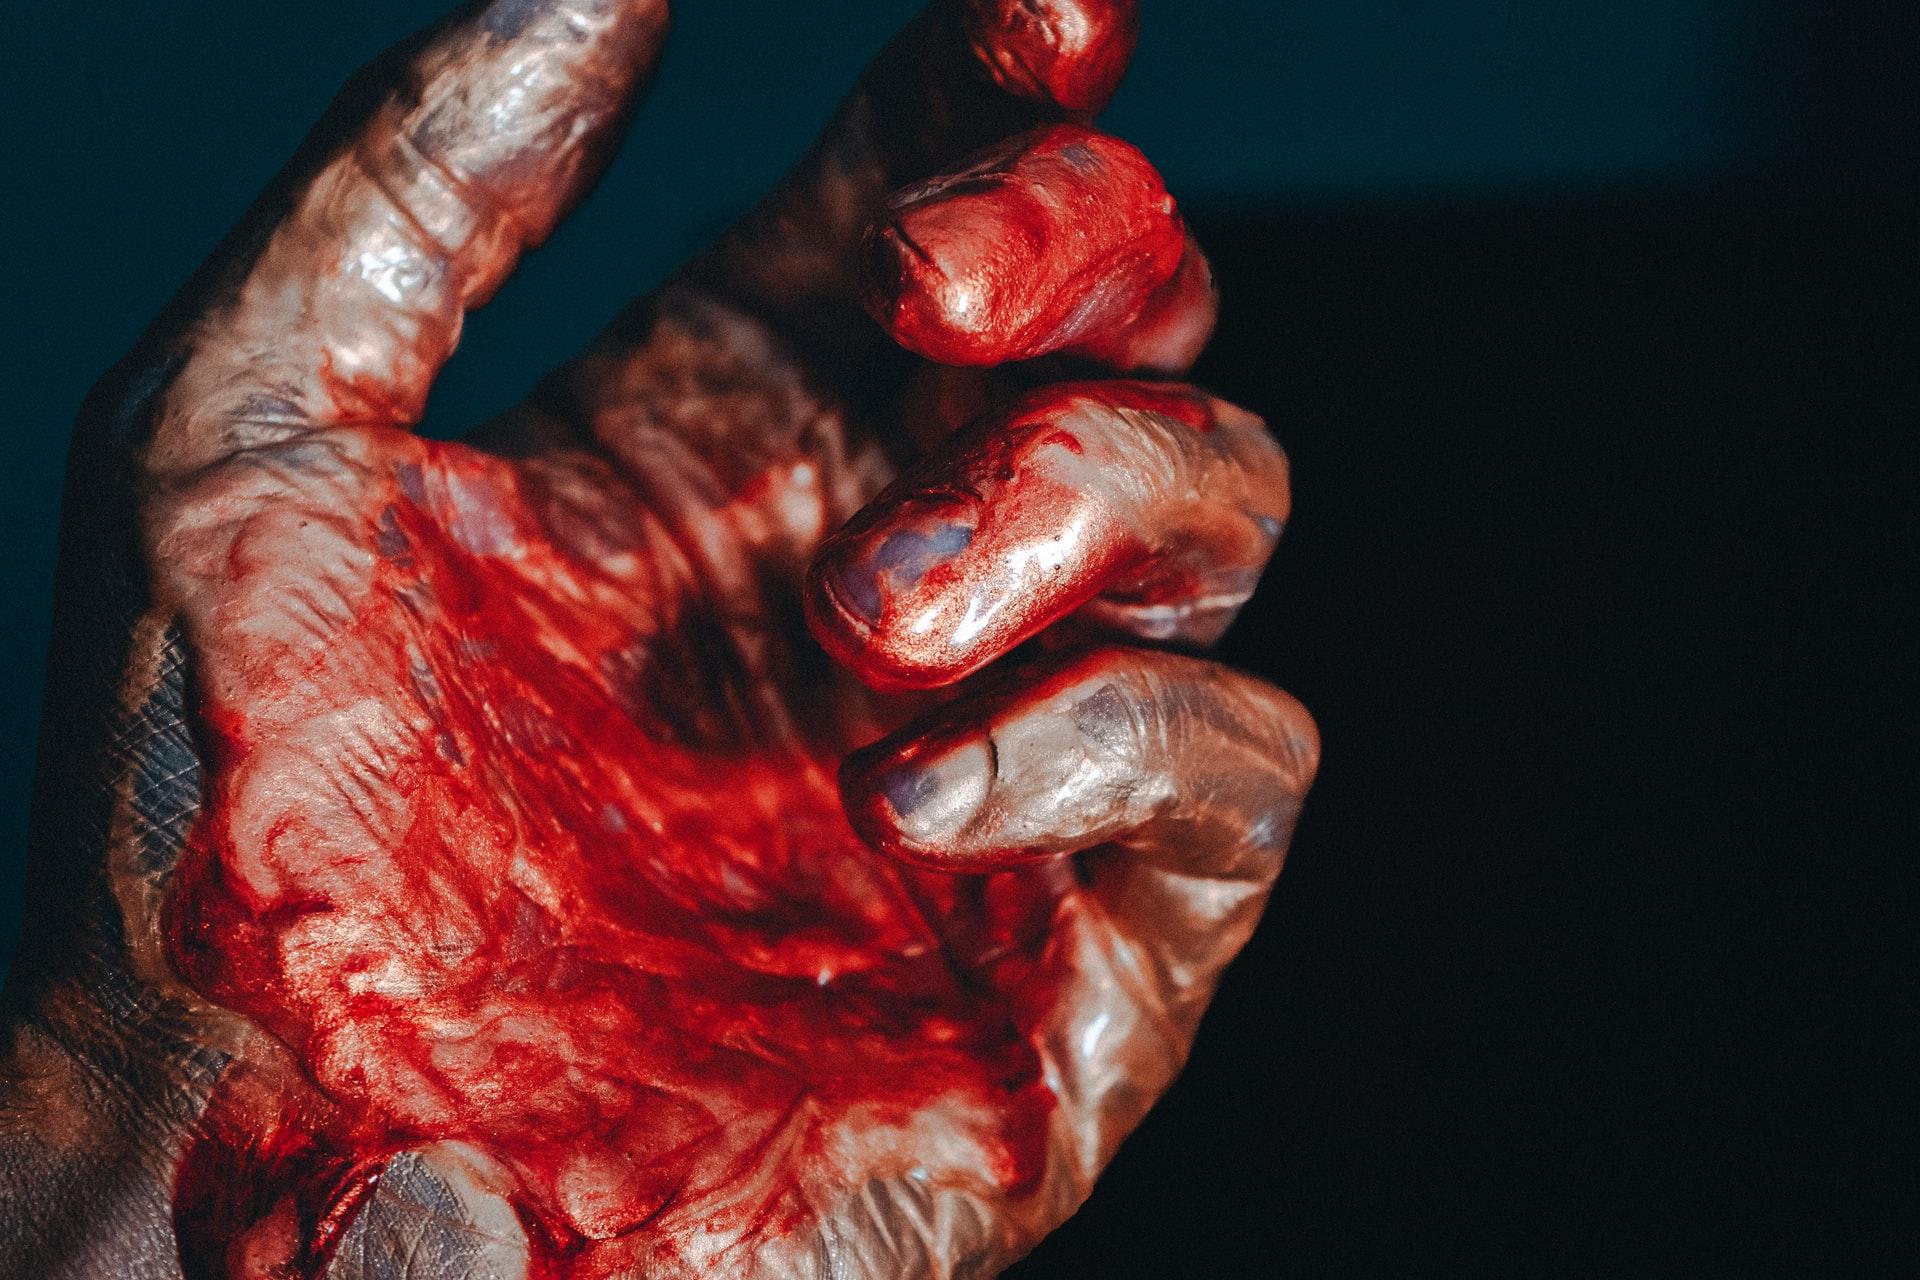 घरेलू विवाद में पत्नी की हत्या कर पति फरार